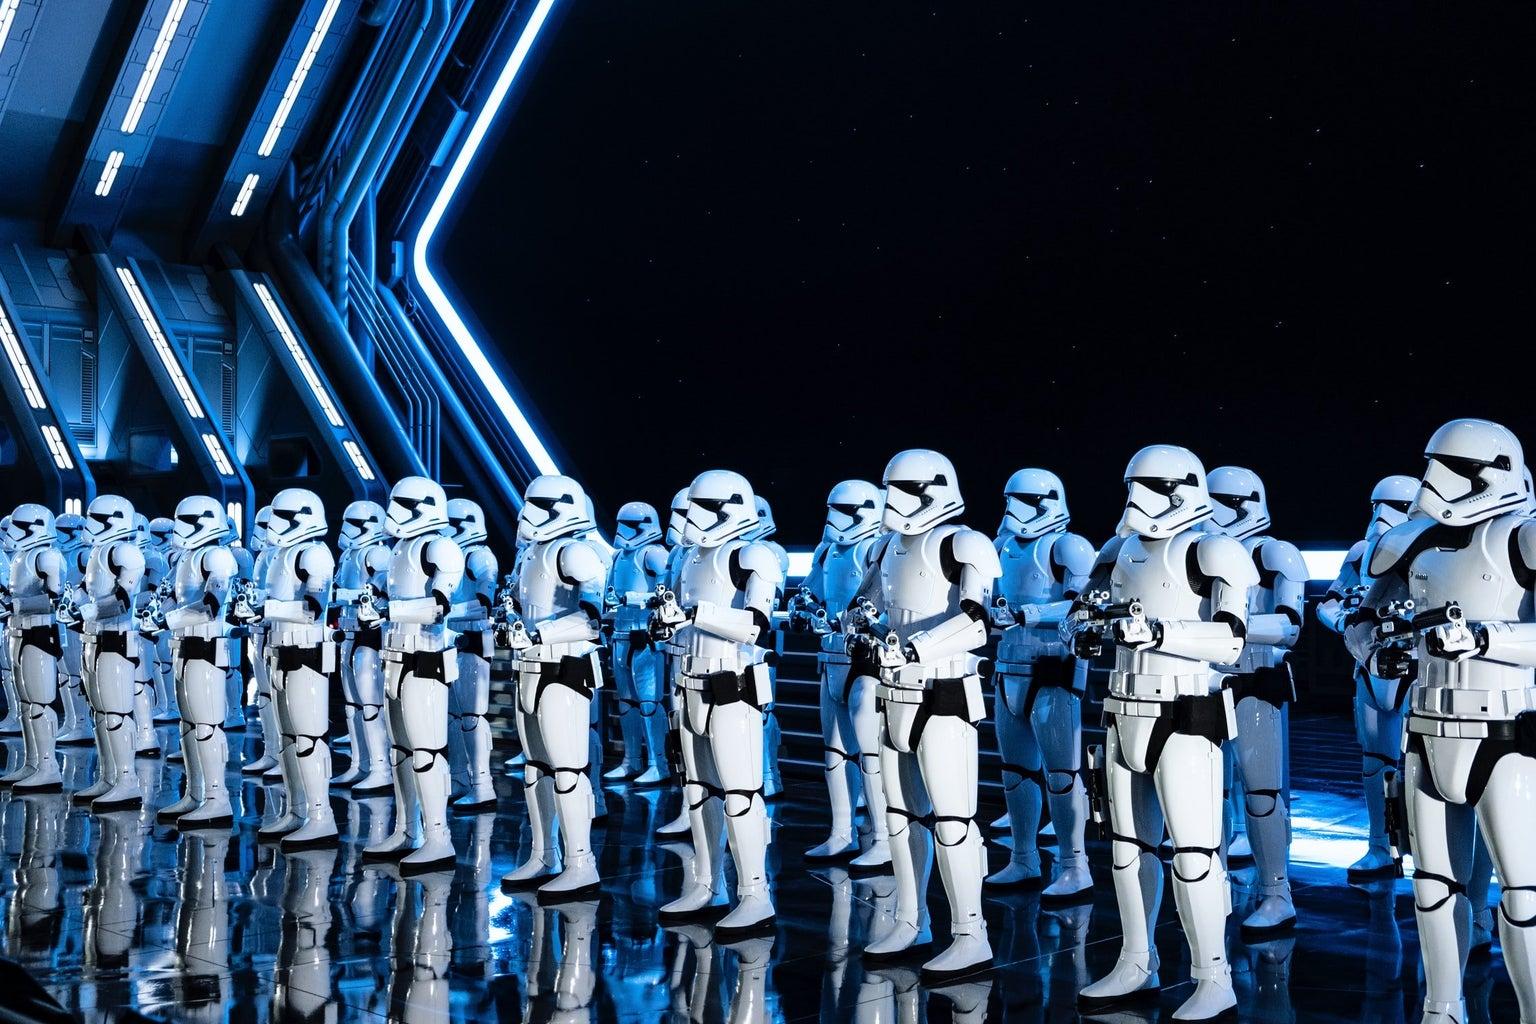 stormtroopers mcgowan